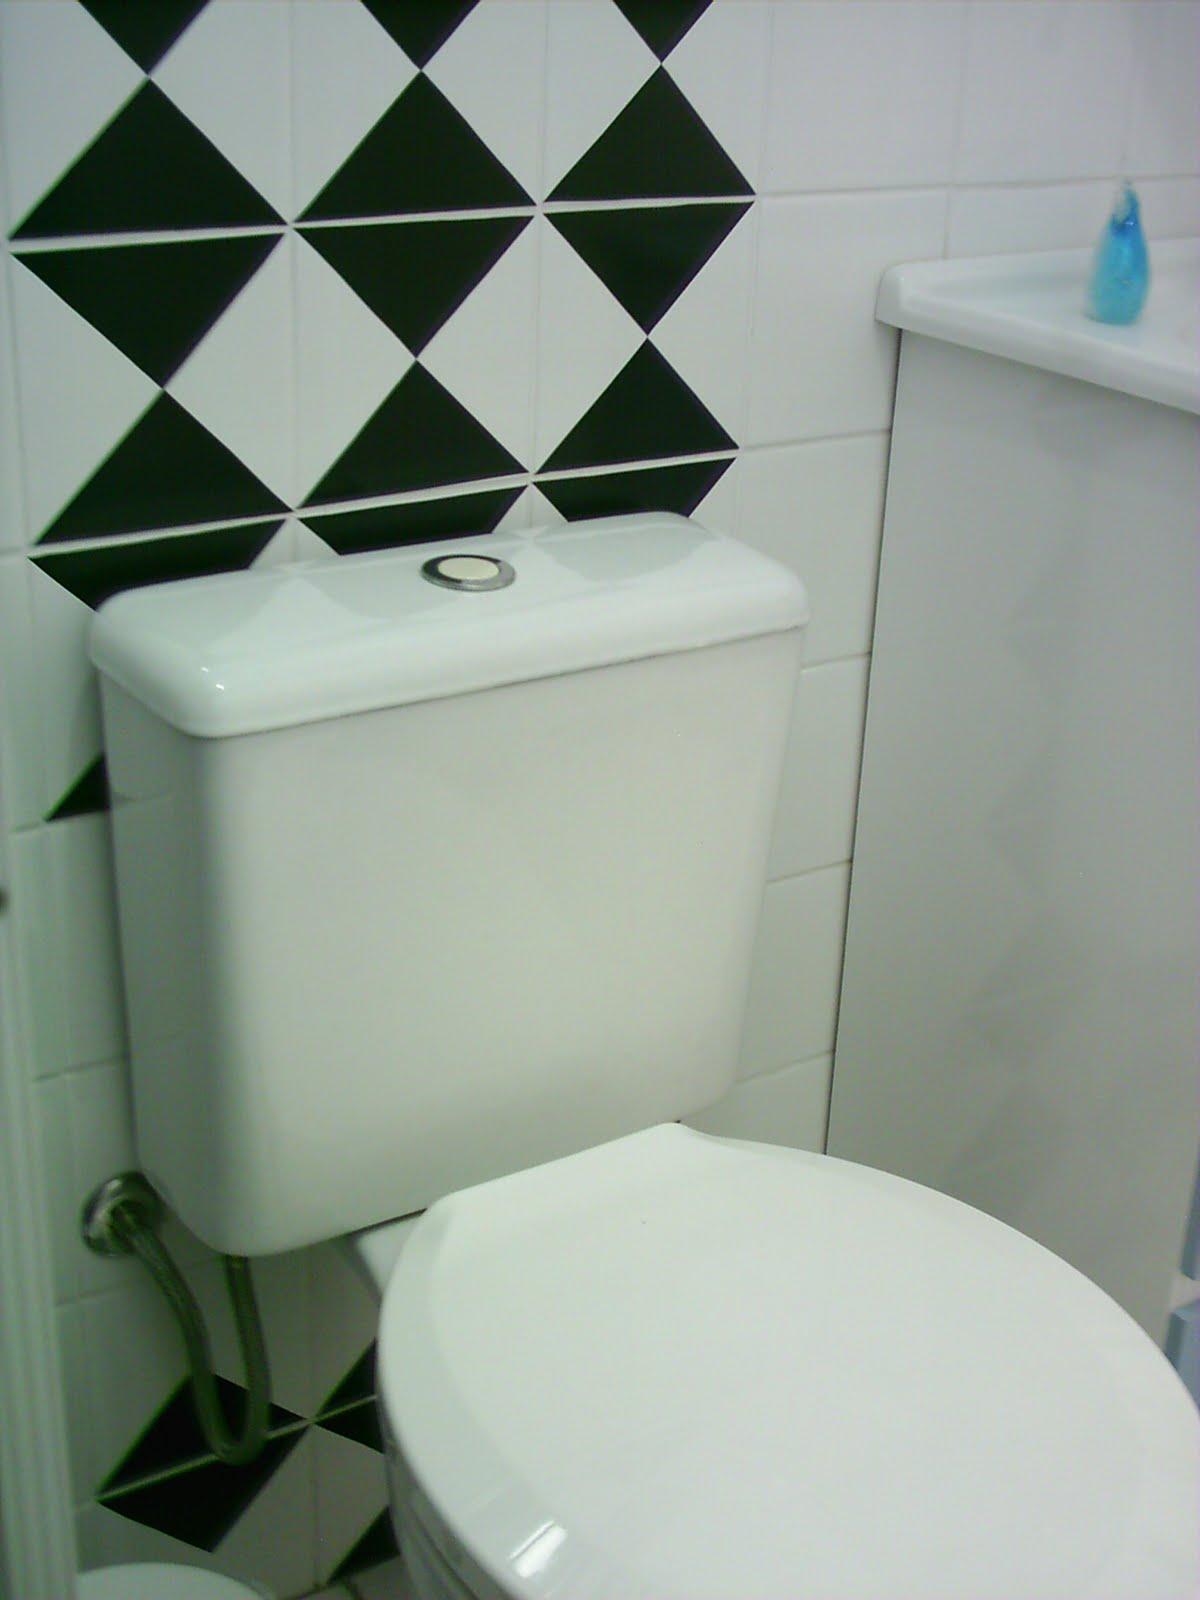 #182718 ENTRE E SINTA SE EM CASA: Decorando o banheiro! 32 Janelas De Vidro Como Montar